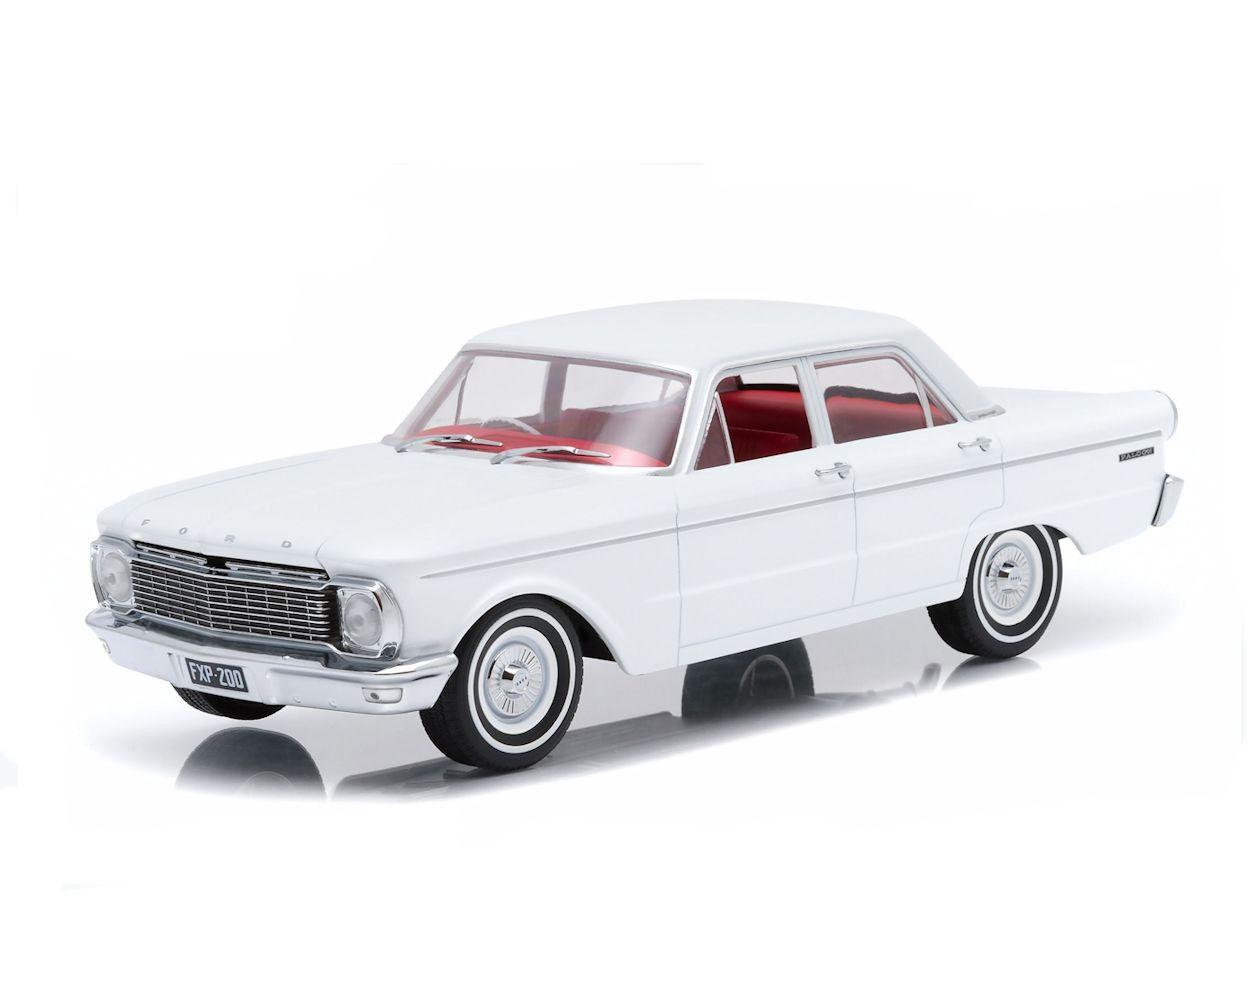 1 18 Dda - 1965 de 4 puertas XP Ford Falcon Sedan en biancao